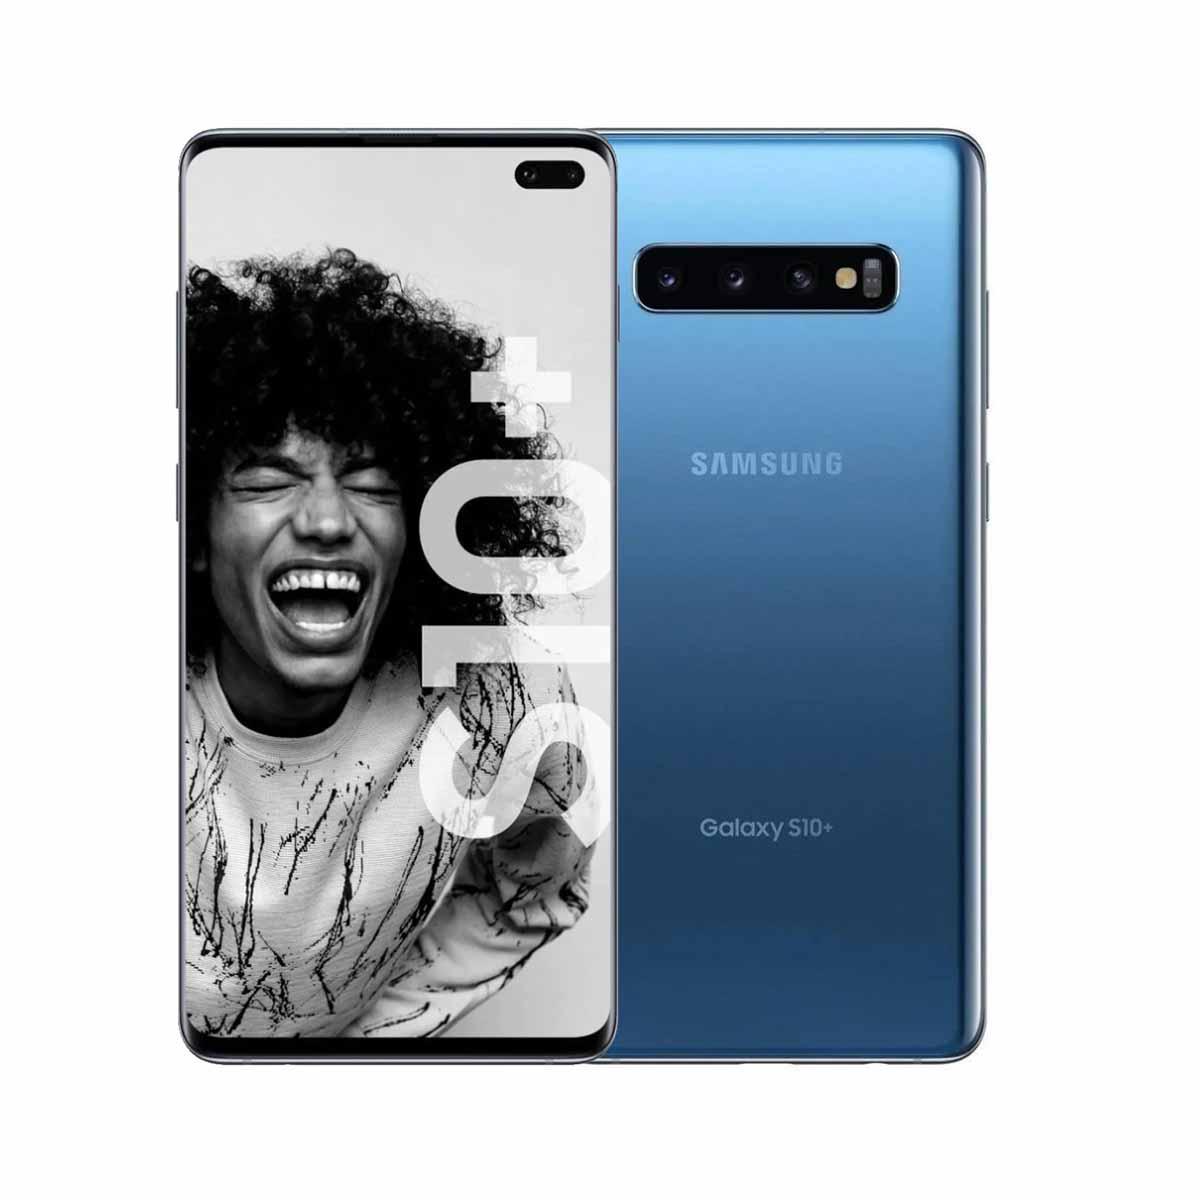 Samsung Galaxy S10+ Dual G975 128gb 8gb Ram 6.4' Mostruário